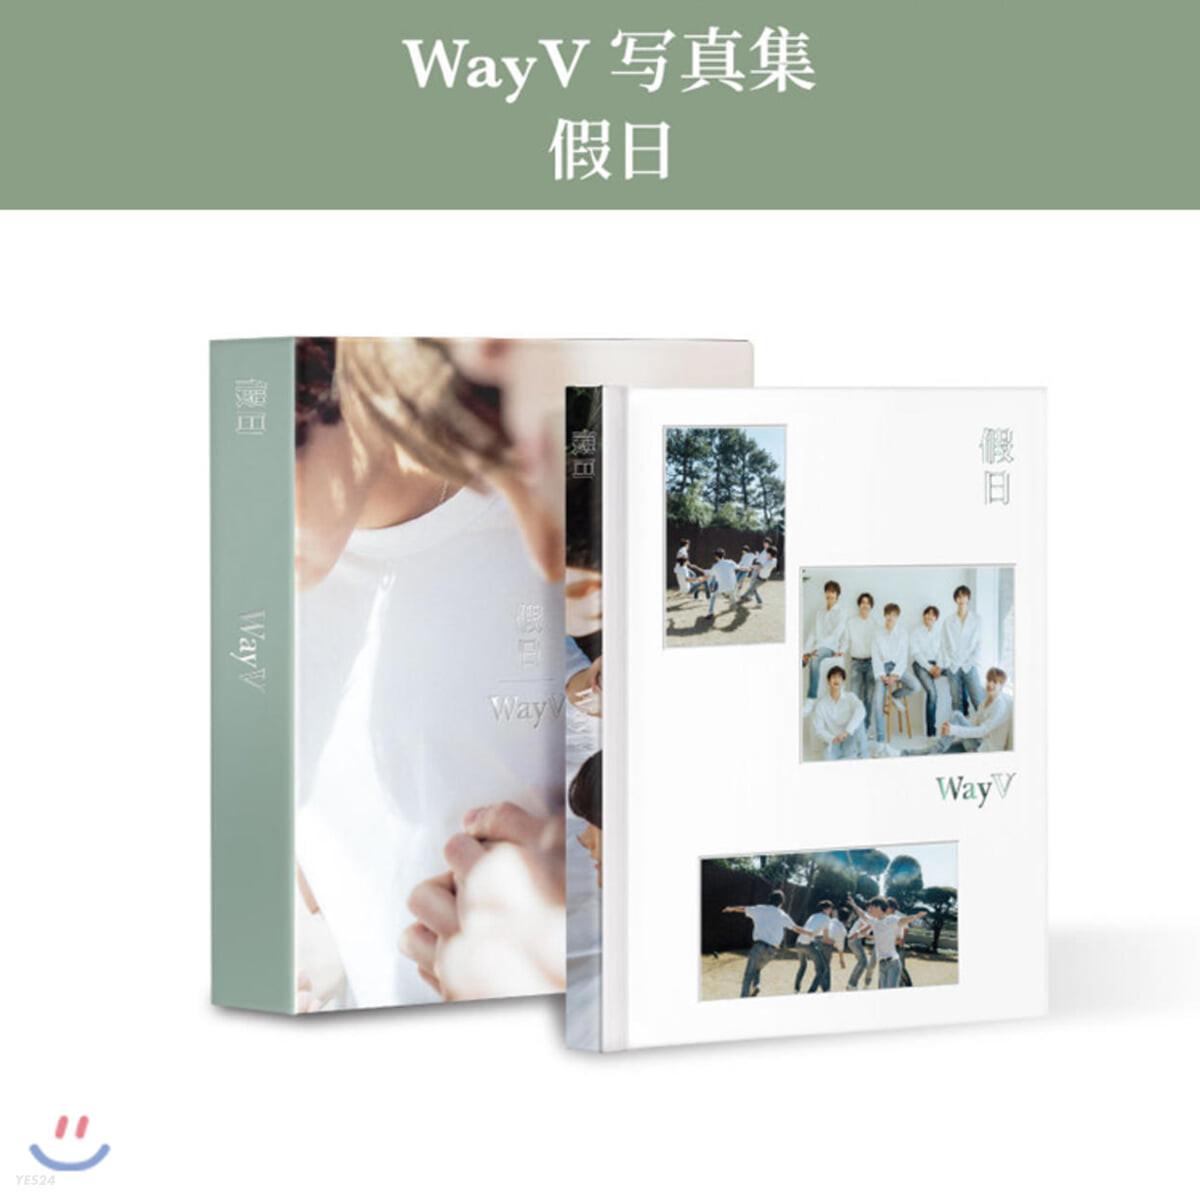 [중국판] WayV 웨이션V 사진집 : 휴일 (텐 ver.)